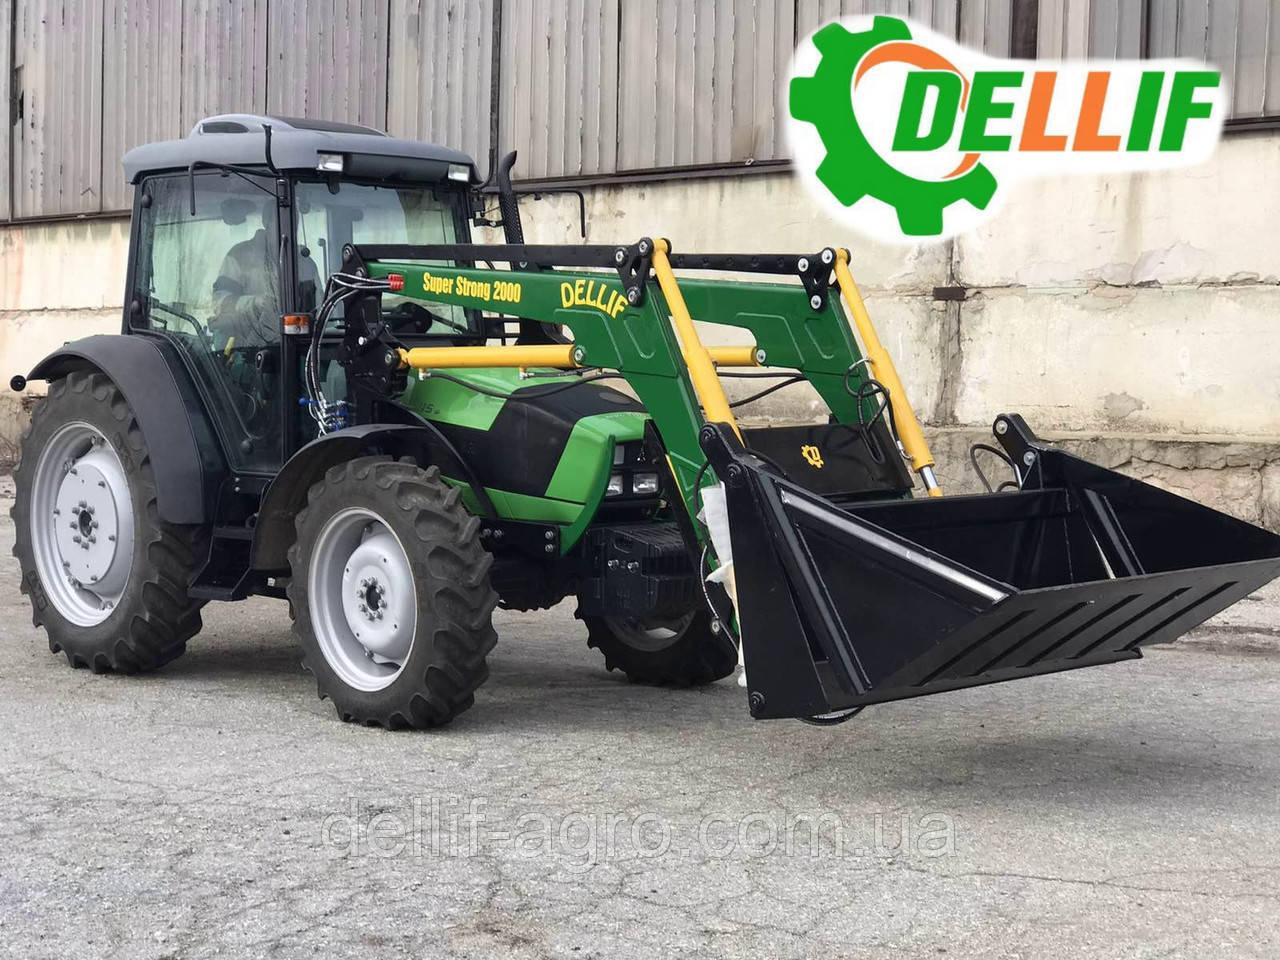 Кун на трактор (дойц) Deutz-Fahr 5105 - Деллиф Супер Стронг 2000